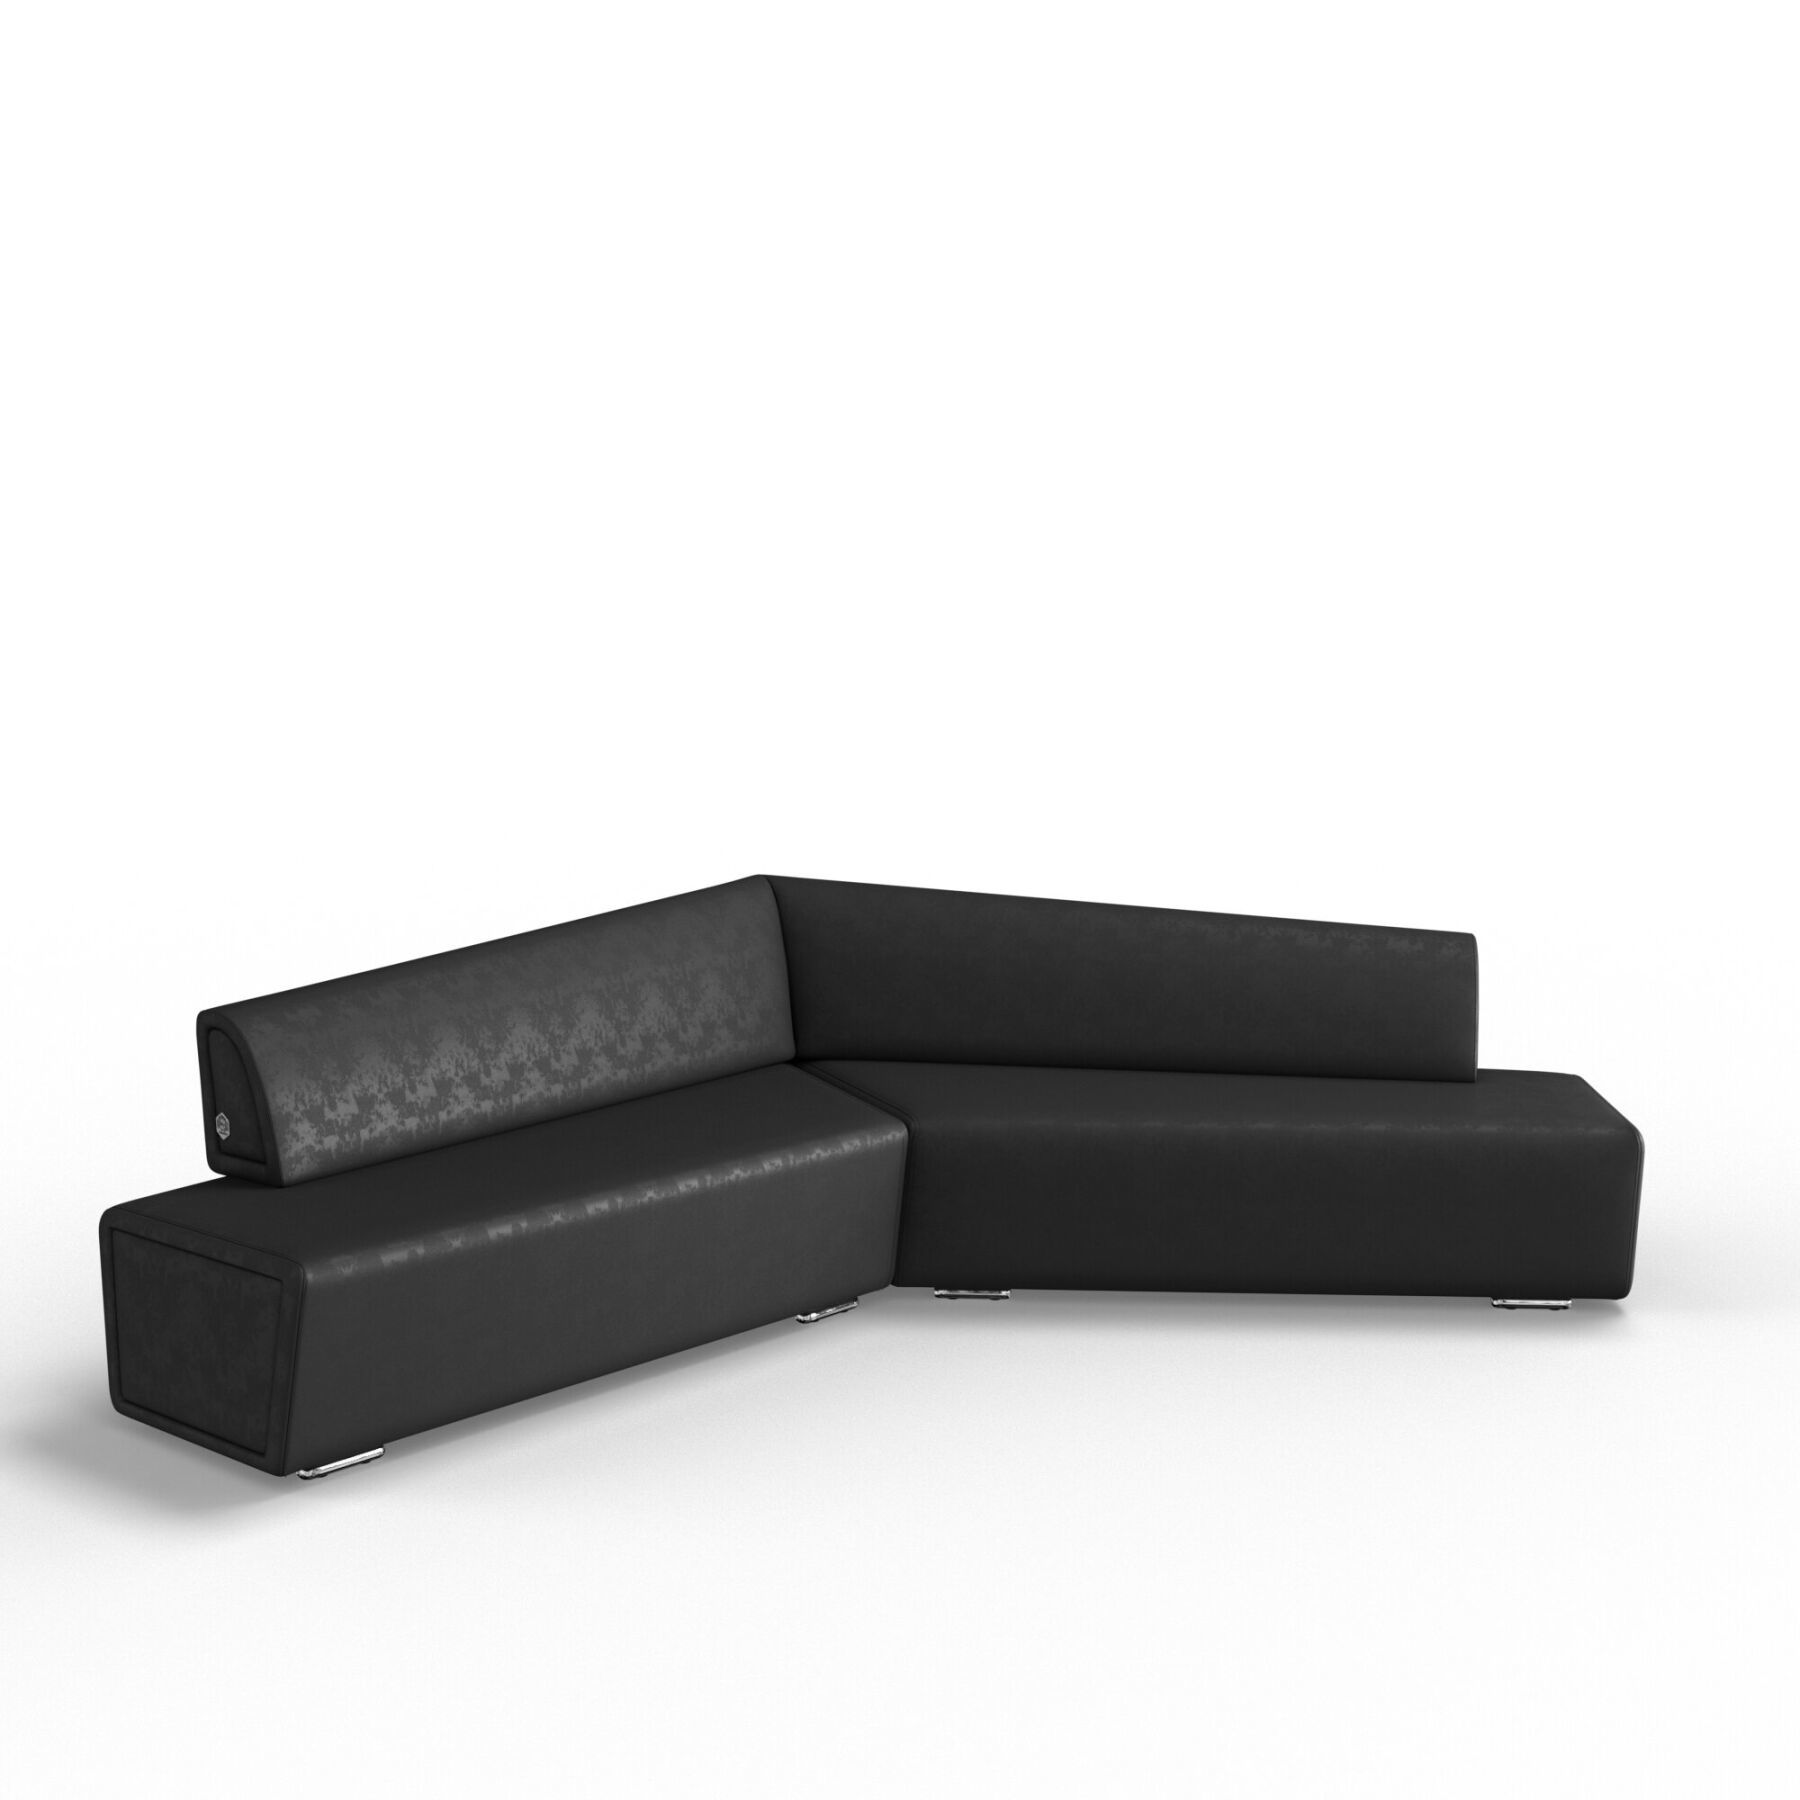 Трехместный диван KULIK SYSTEM COPTER Антара Левый и правый